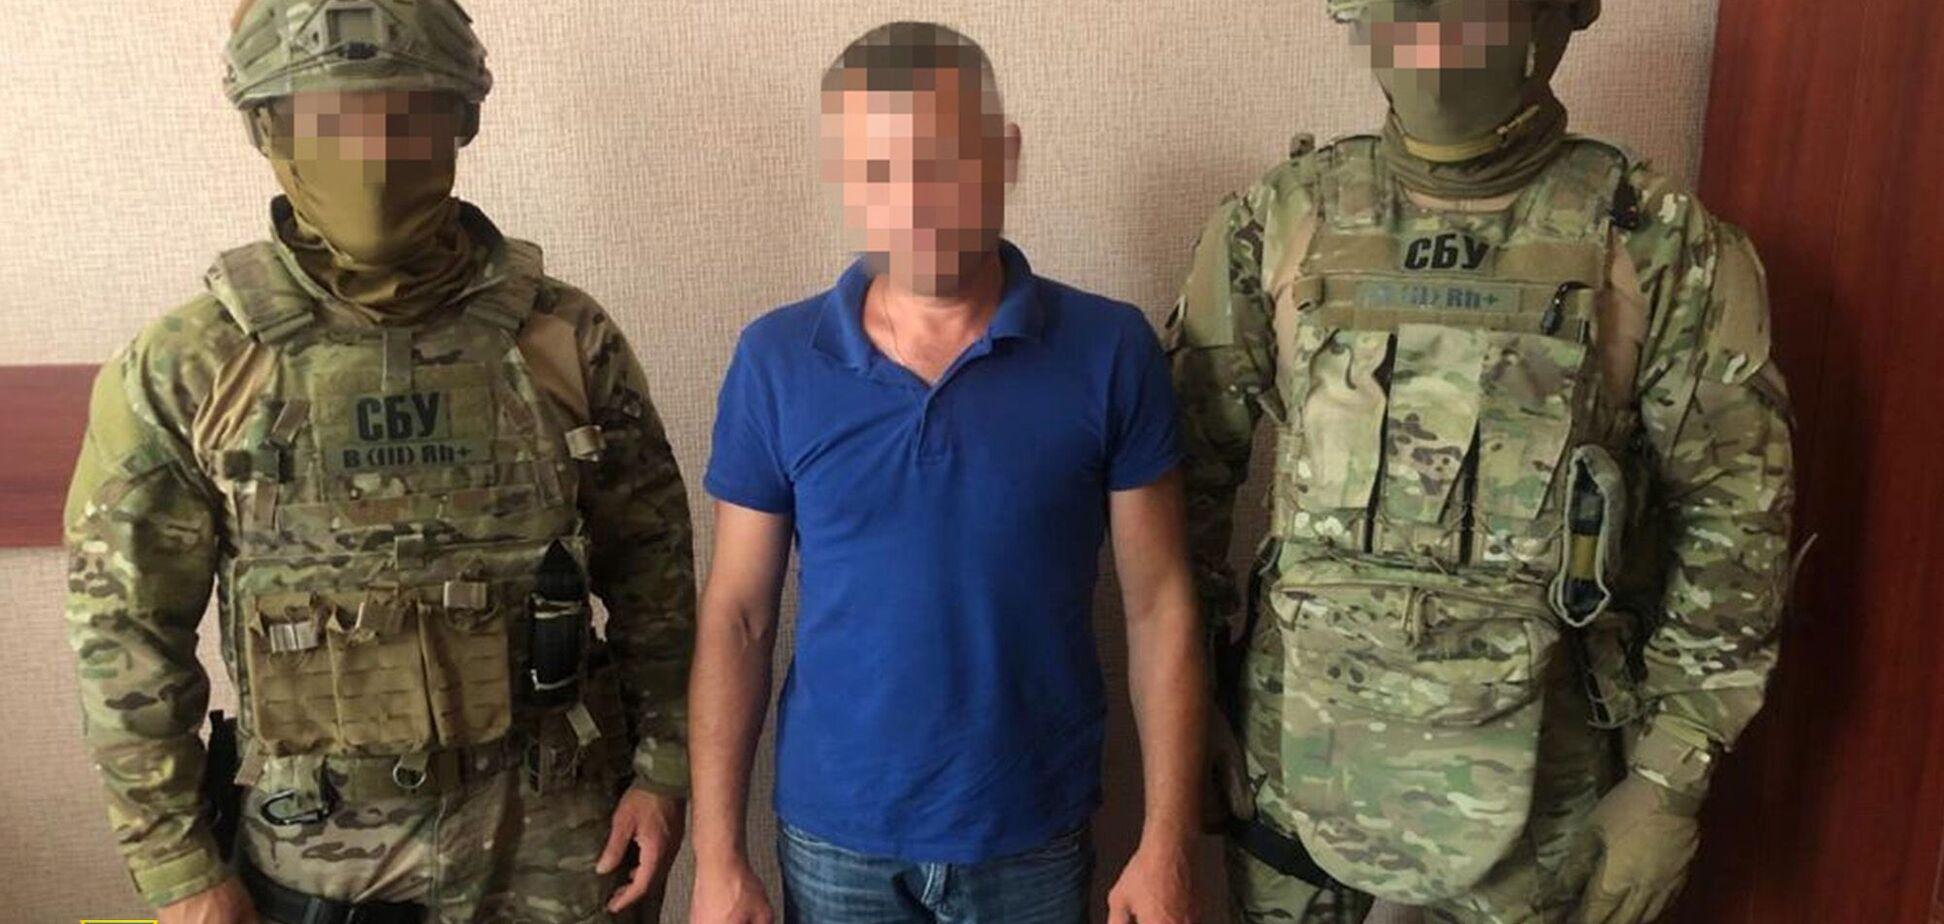 У Києві затримали бойовика 'ЛНР', який захотів отримати статус переселенця. Фото